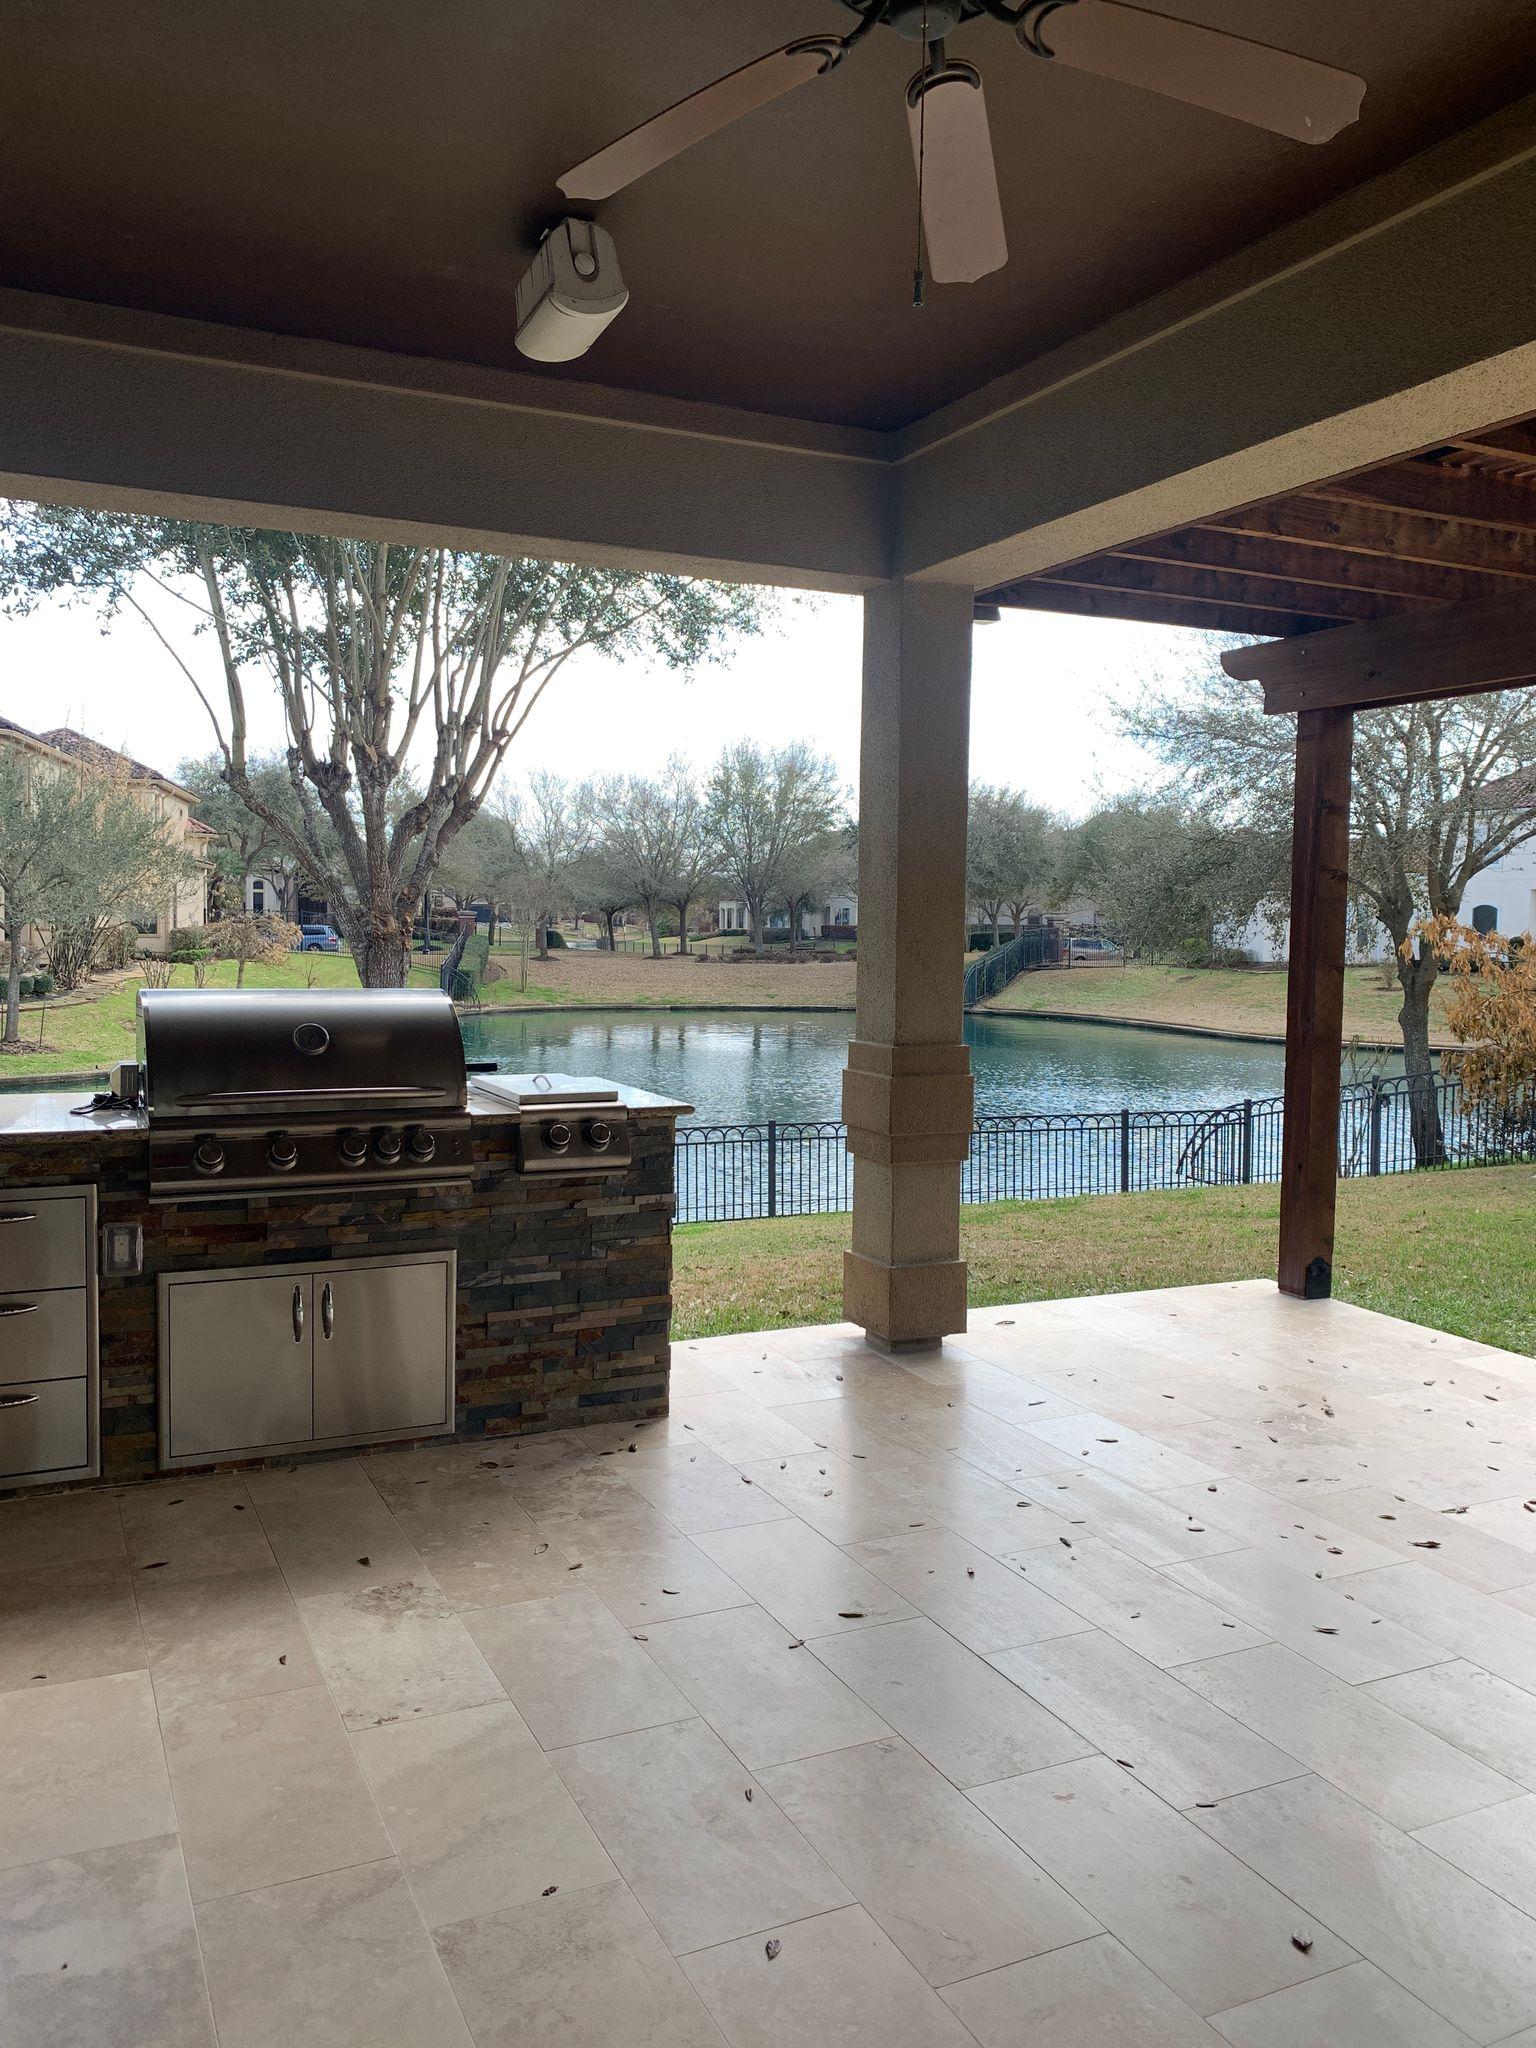 outdoor kitchen view